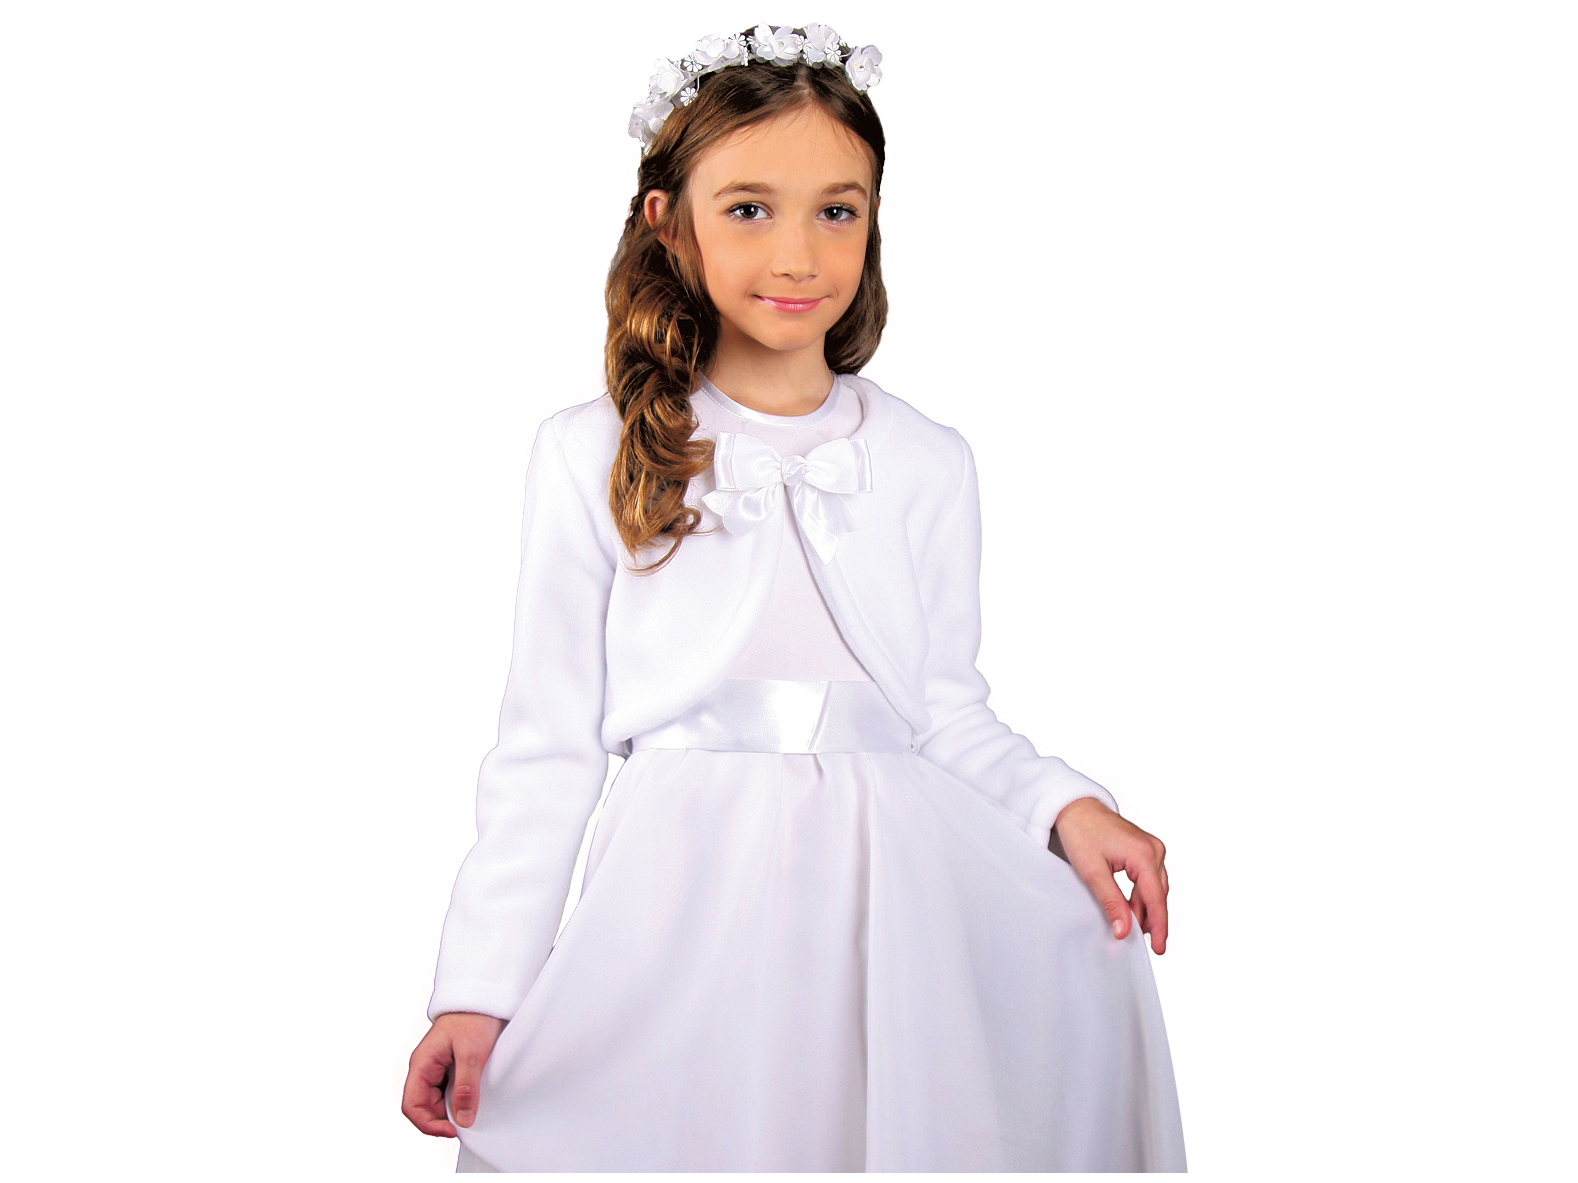 42a778e3bb Białe bolerko do komunii dla dziewczynki Komunia - 7115405307 ...